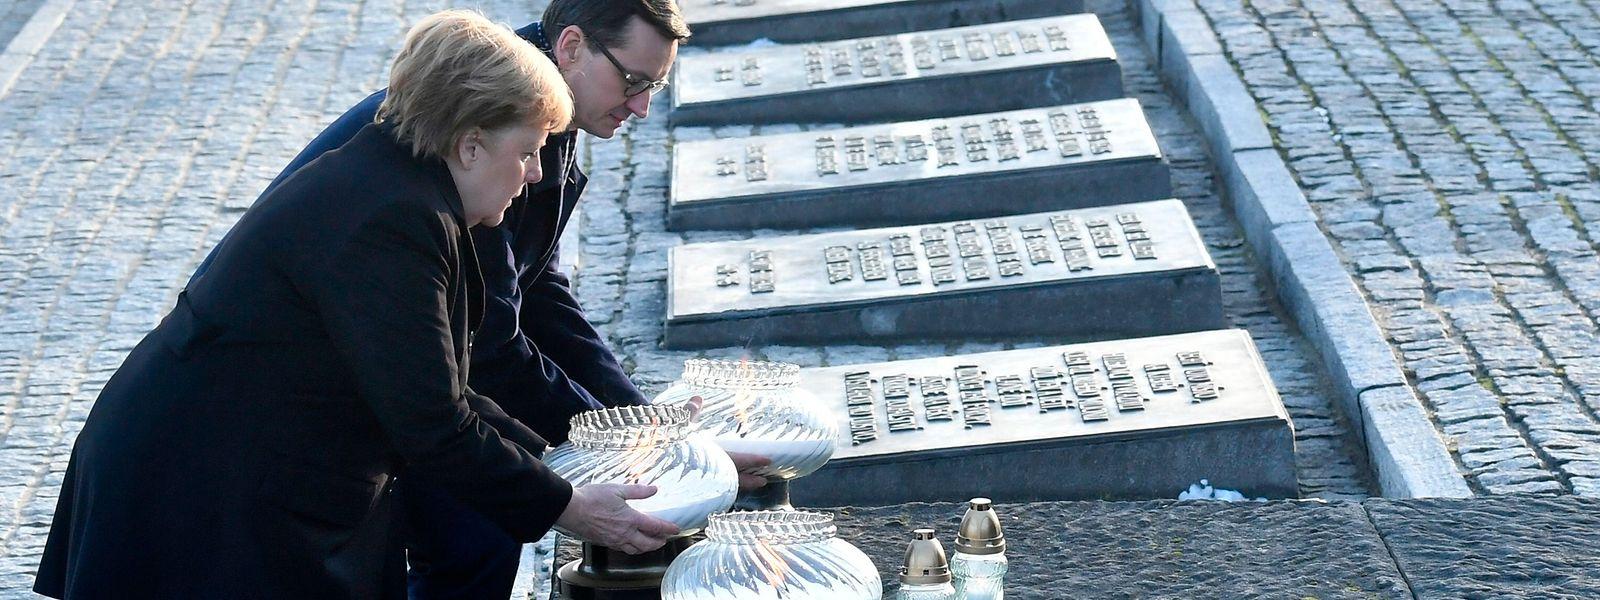 Die deutsche Bundeskanzlerin Angela Merkel und der polnische Premierminister Mateusz Morawiecki stellen Kerzen an das internationale Monument Auschwitz II-Birkenau.